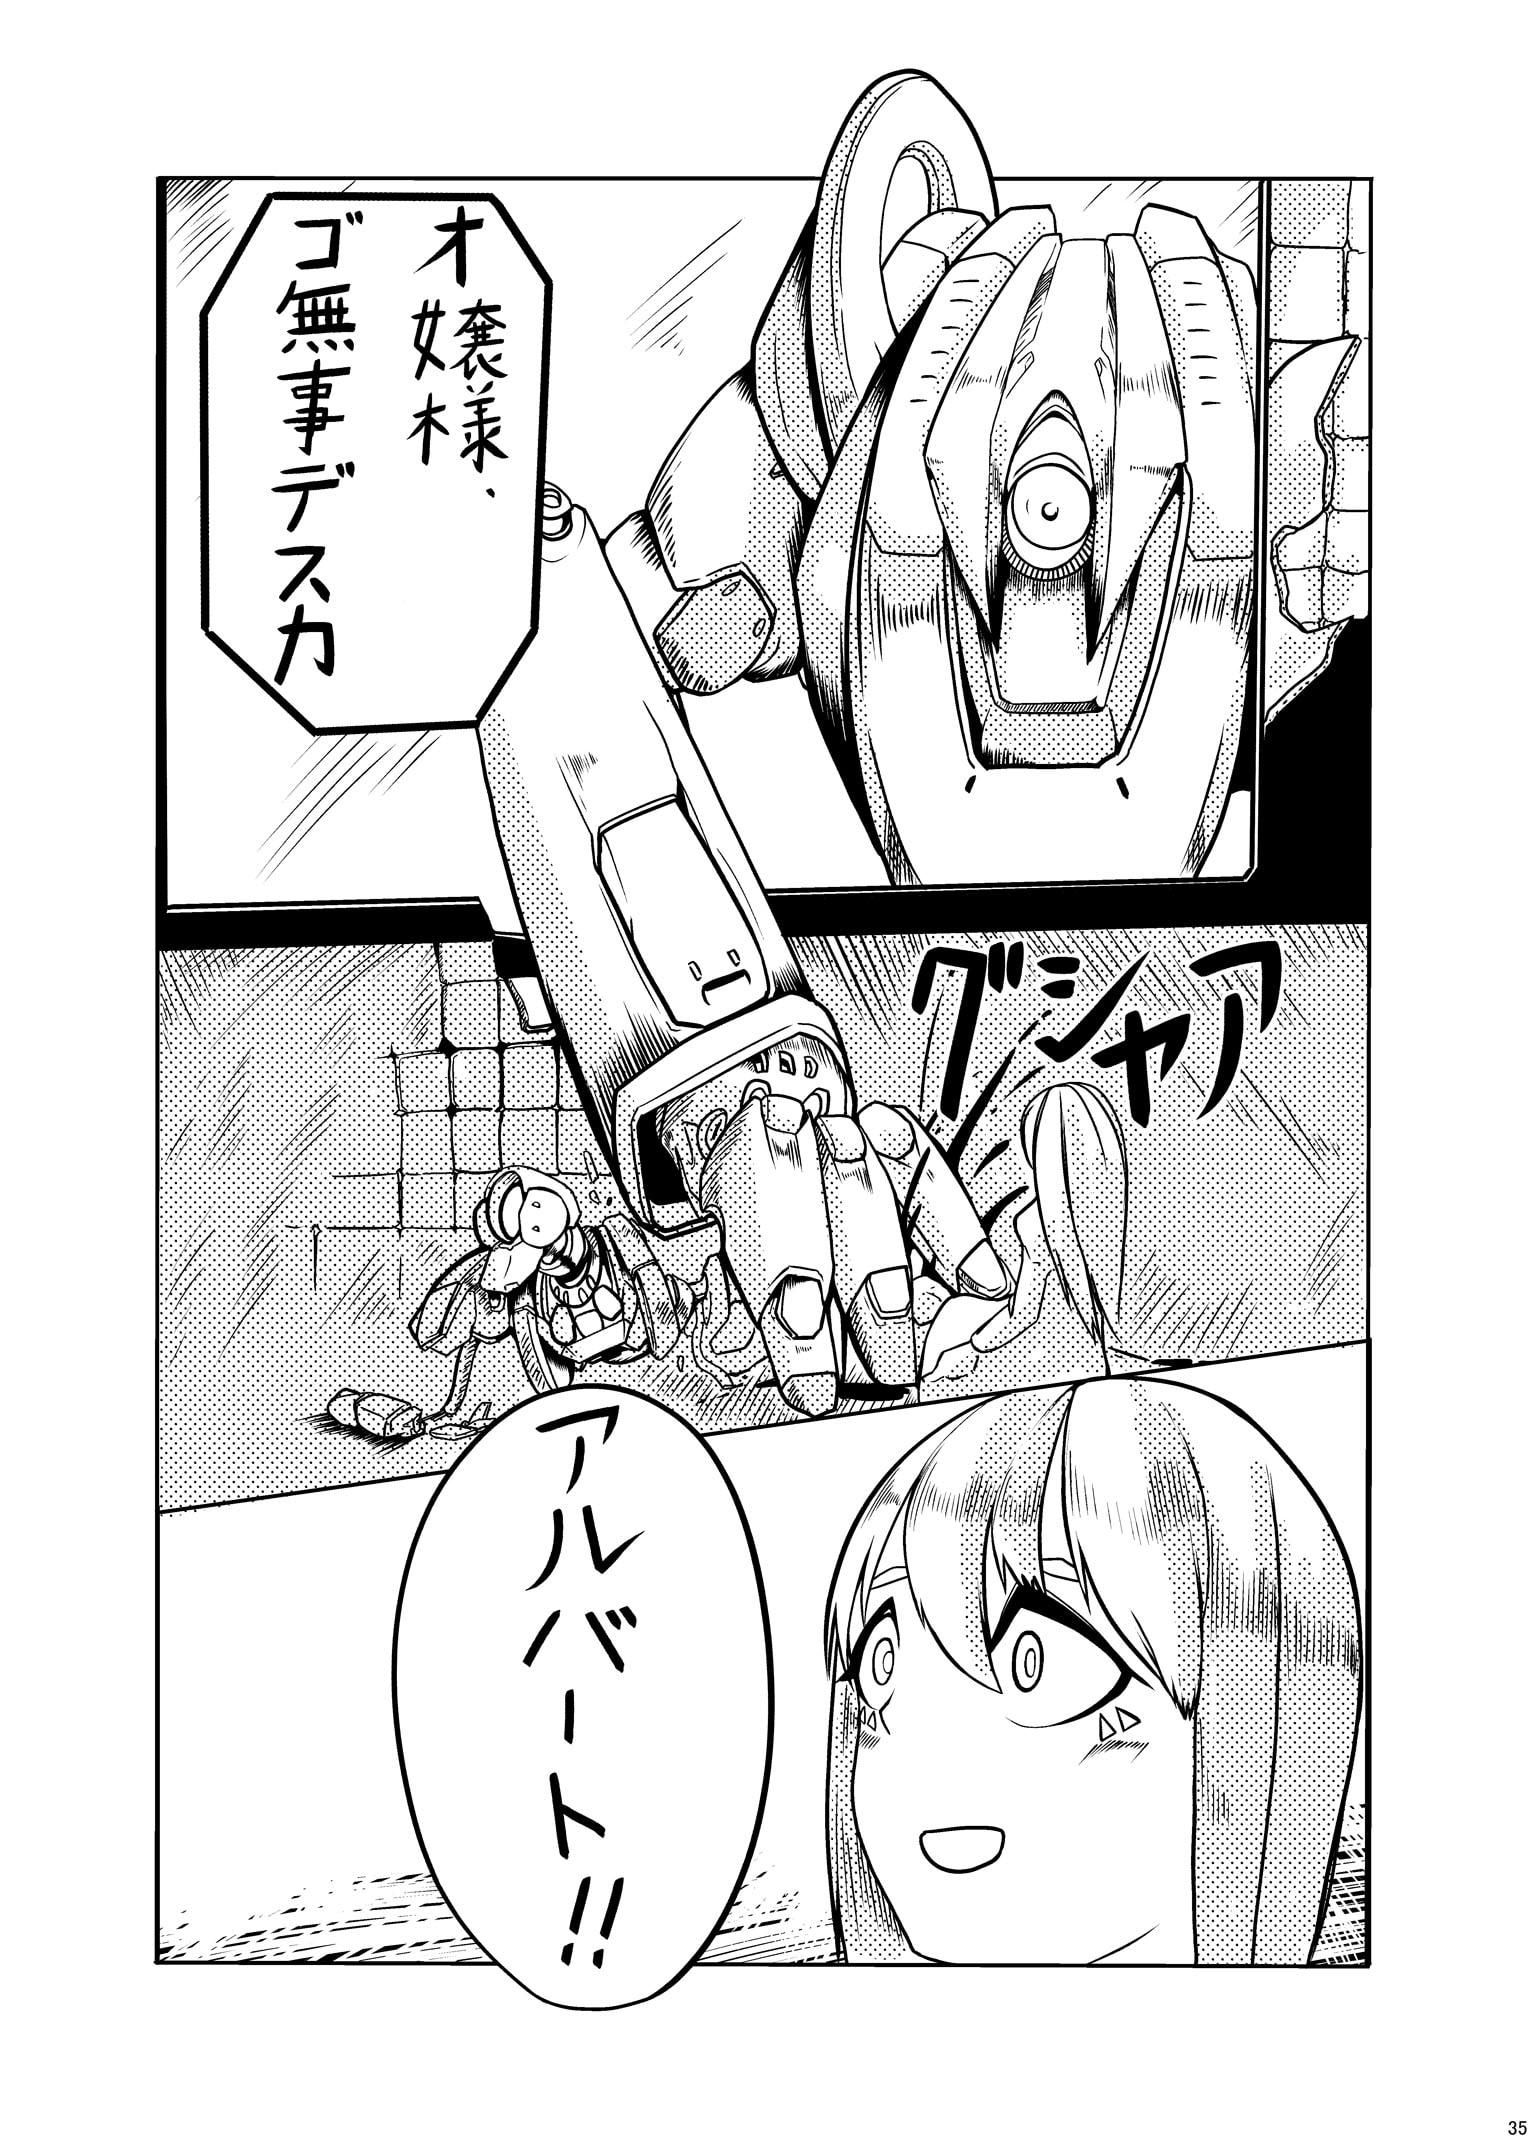 ロボット合同誌 巨大メカ・ロボ操作合併号 [ネフラデルS.P.A.]